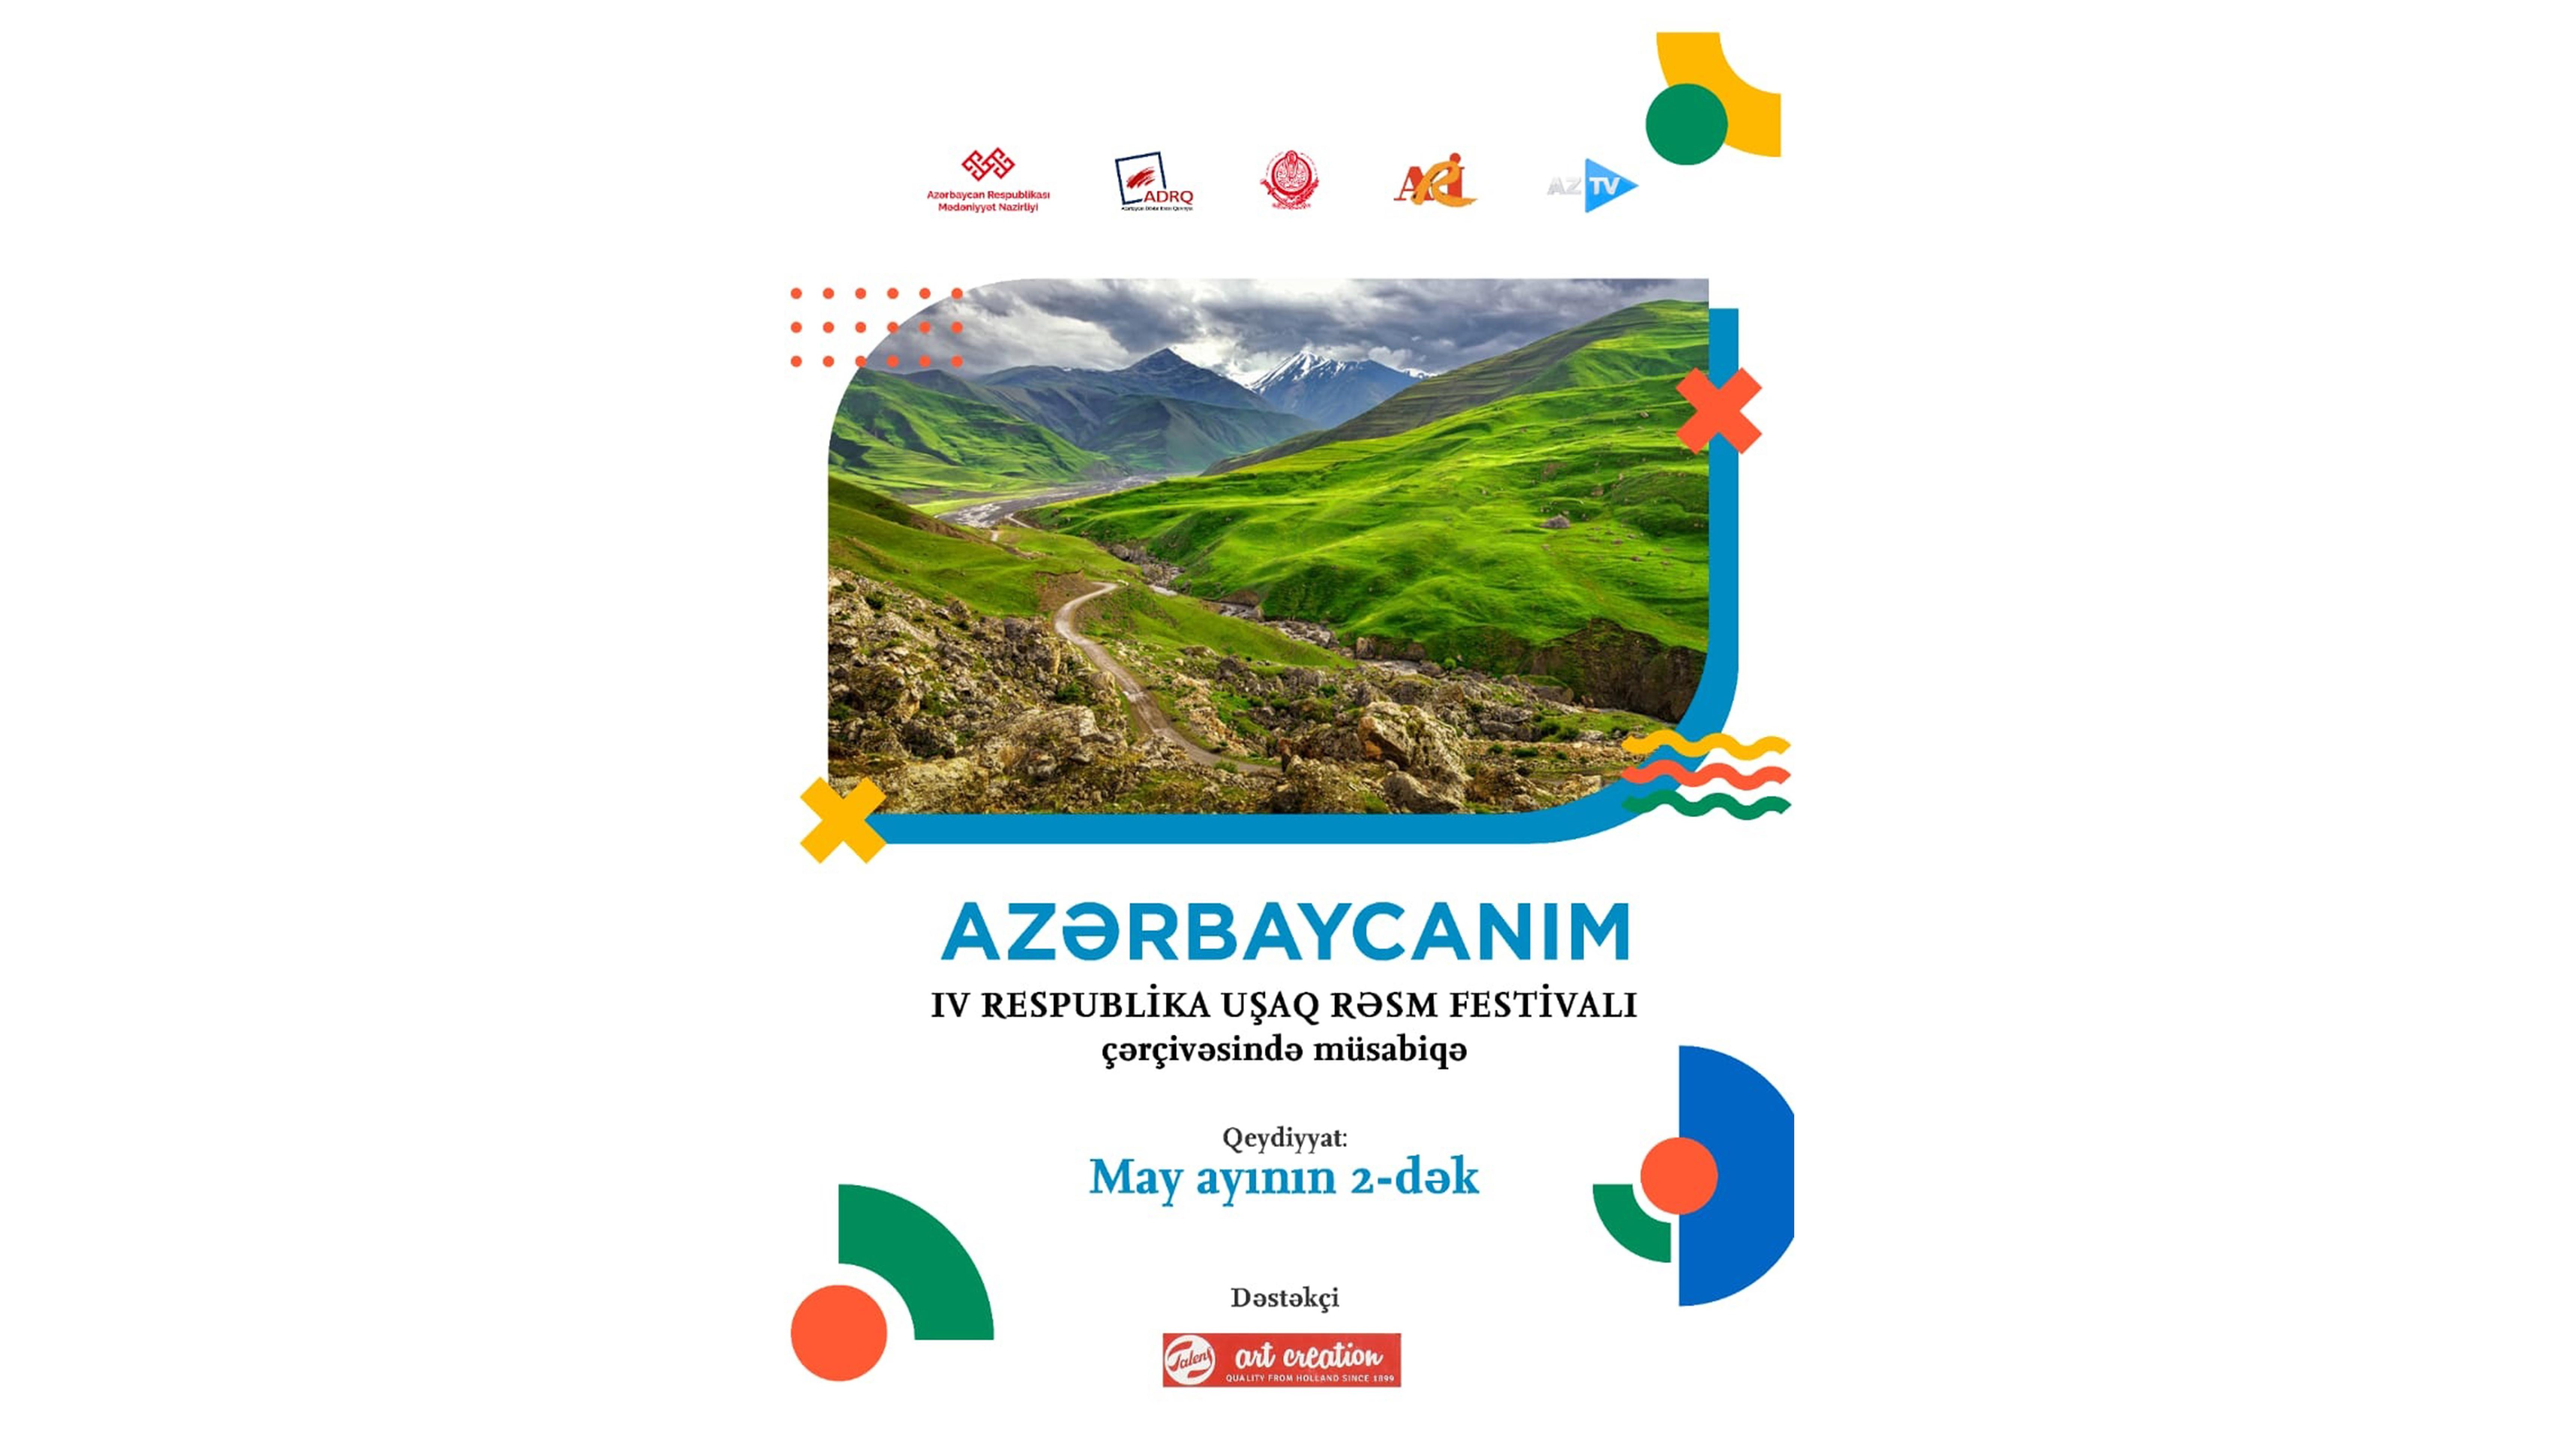 """""""AZƏRBAYCANIM"""" IV RESPUBLİKA UŞAQ RƏSM FESTİVALI çərçivəsində müsabiqə elan olunur."""